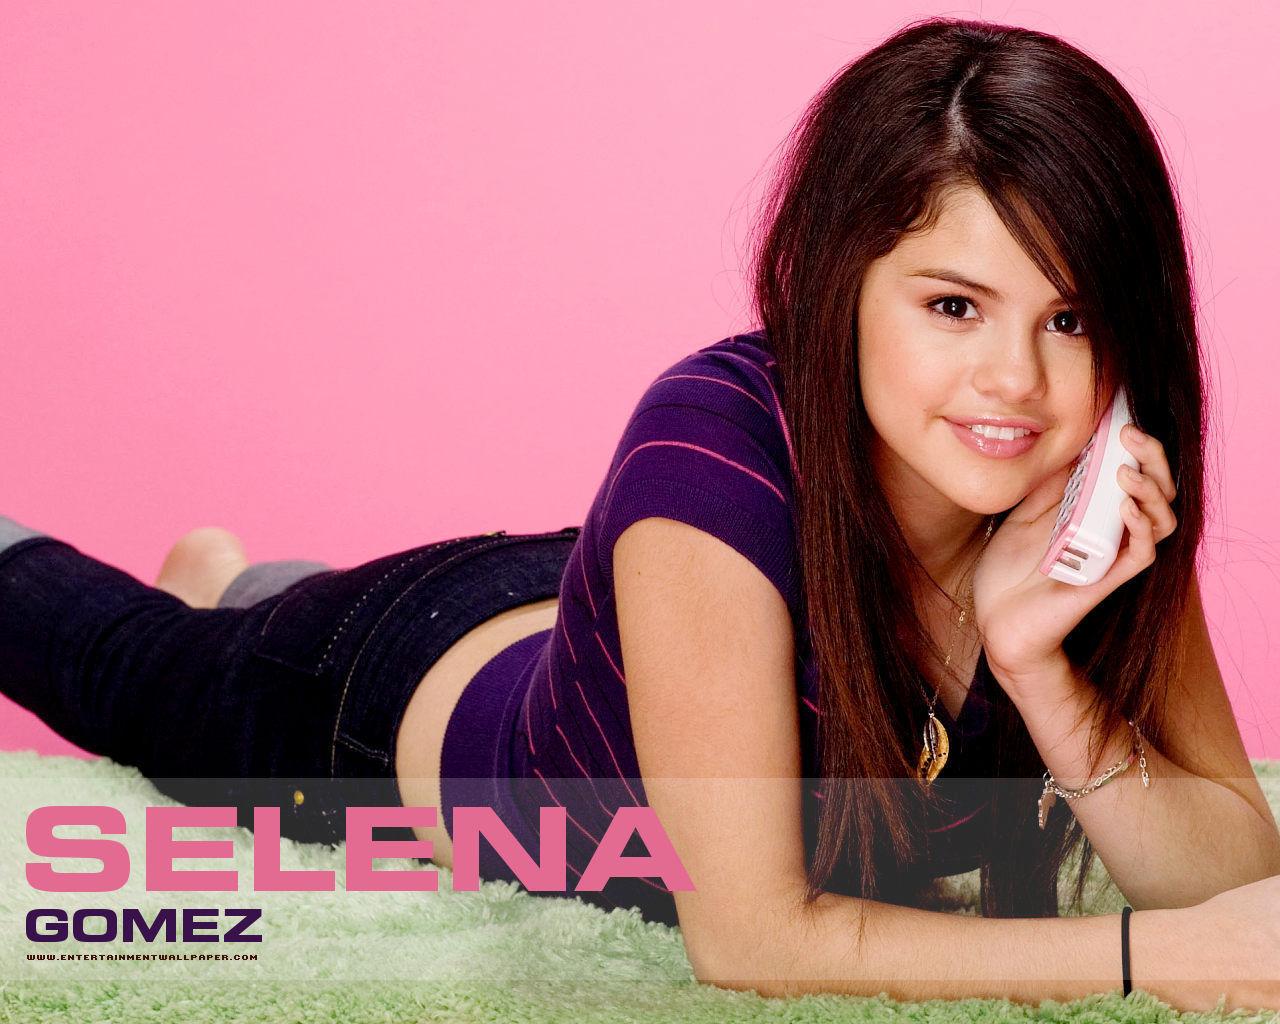 Selena Gomez - Gallery